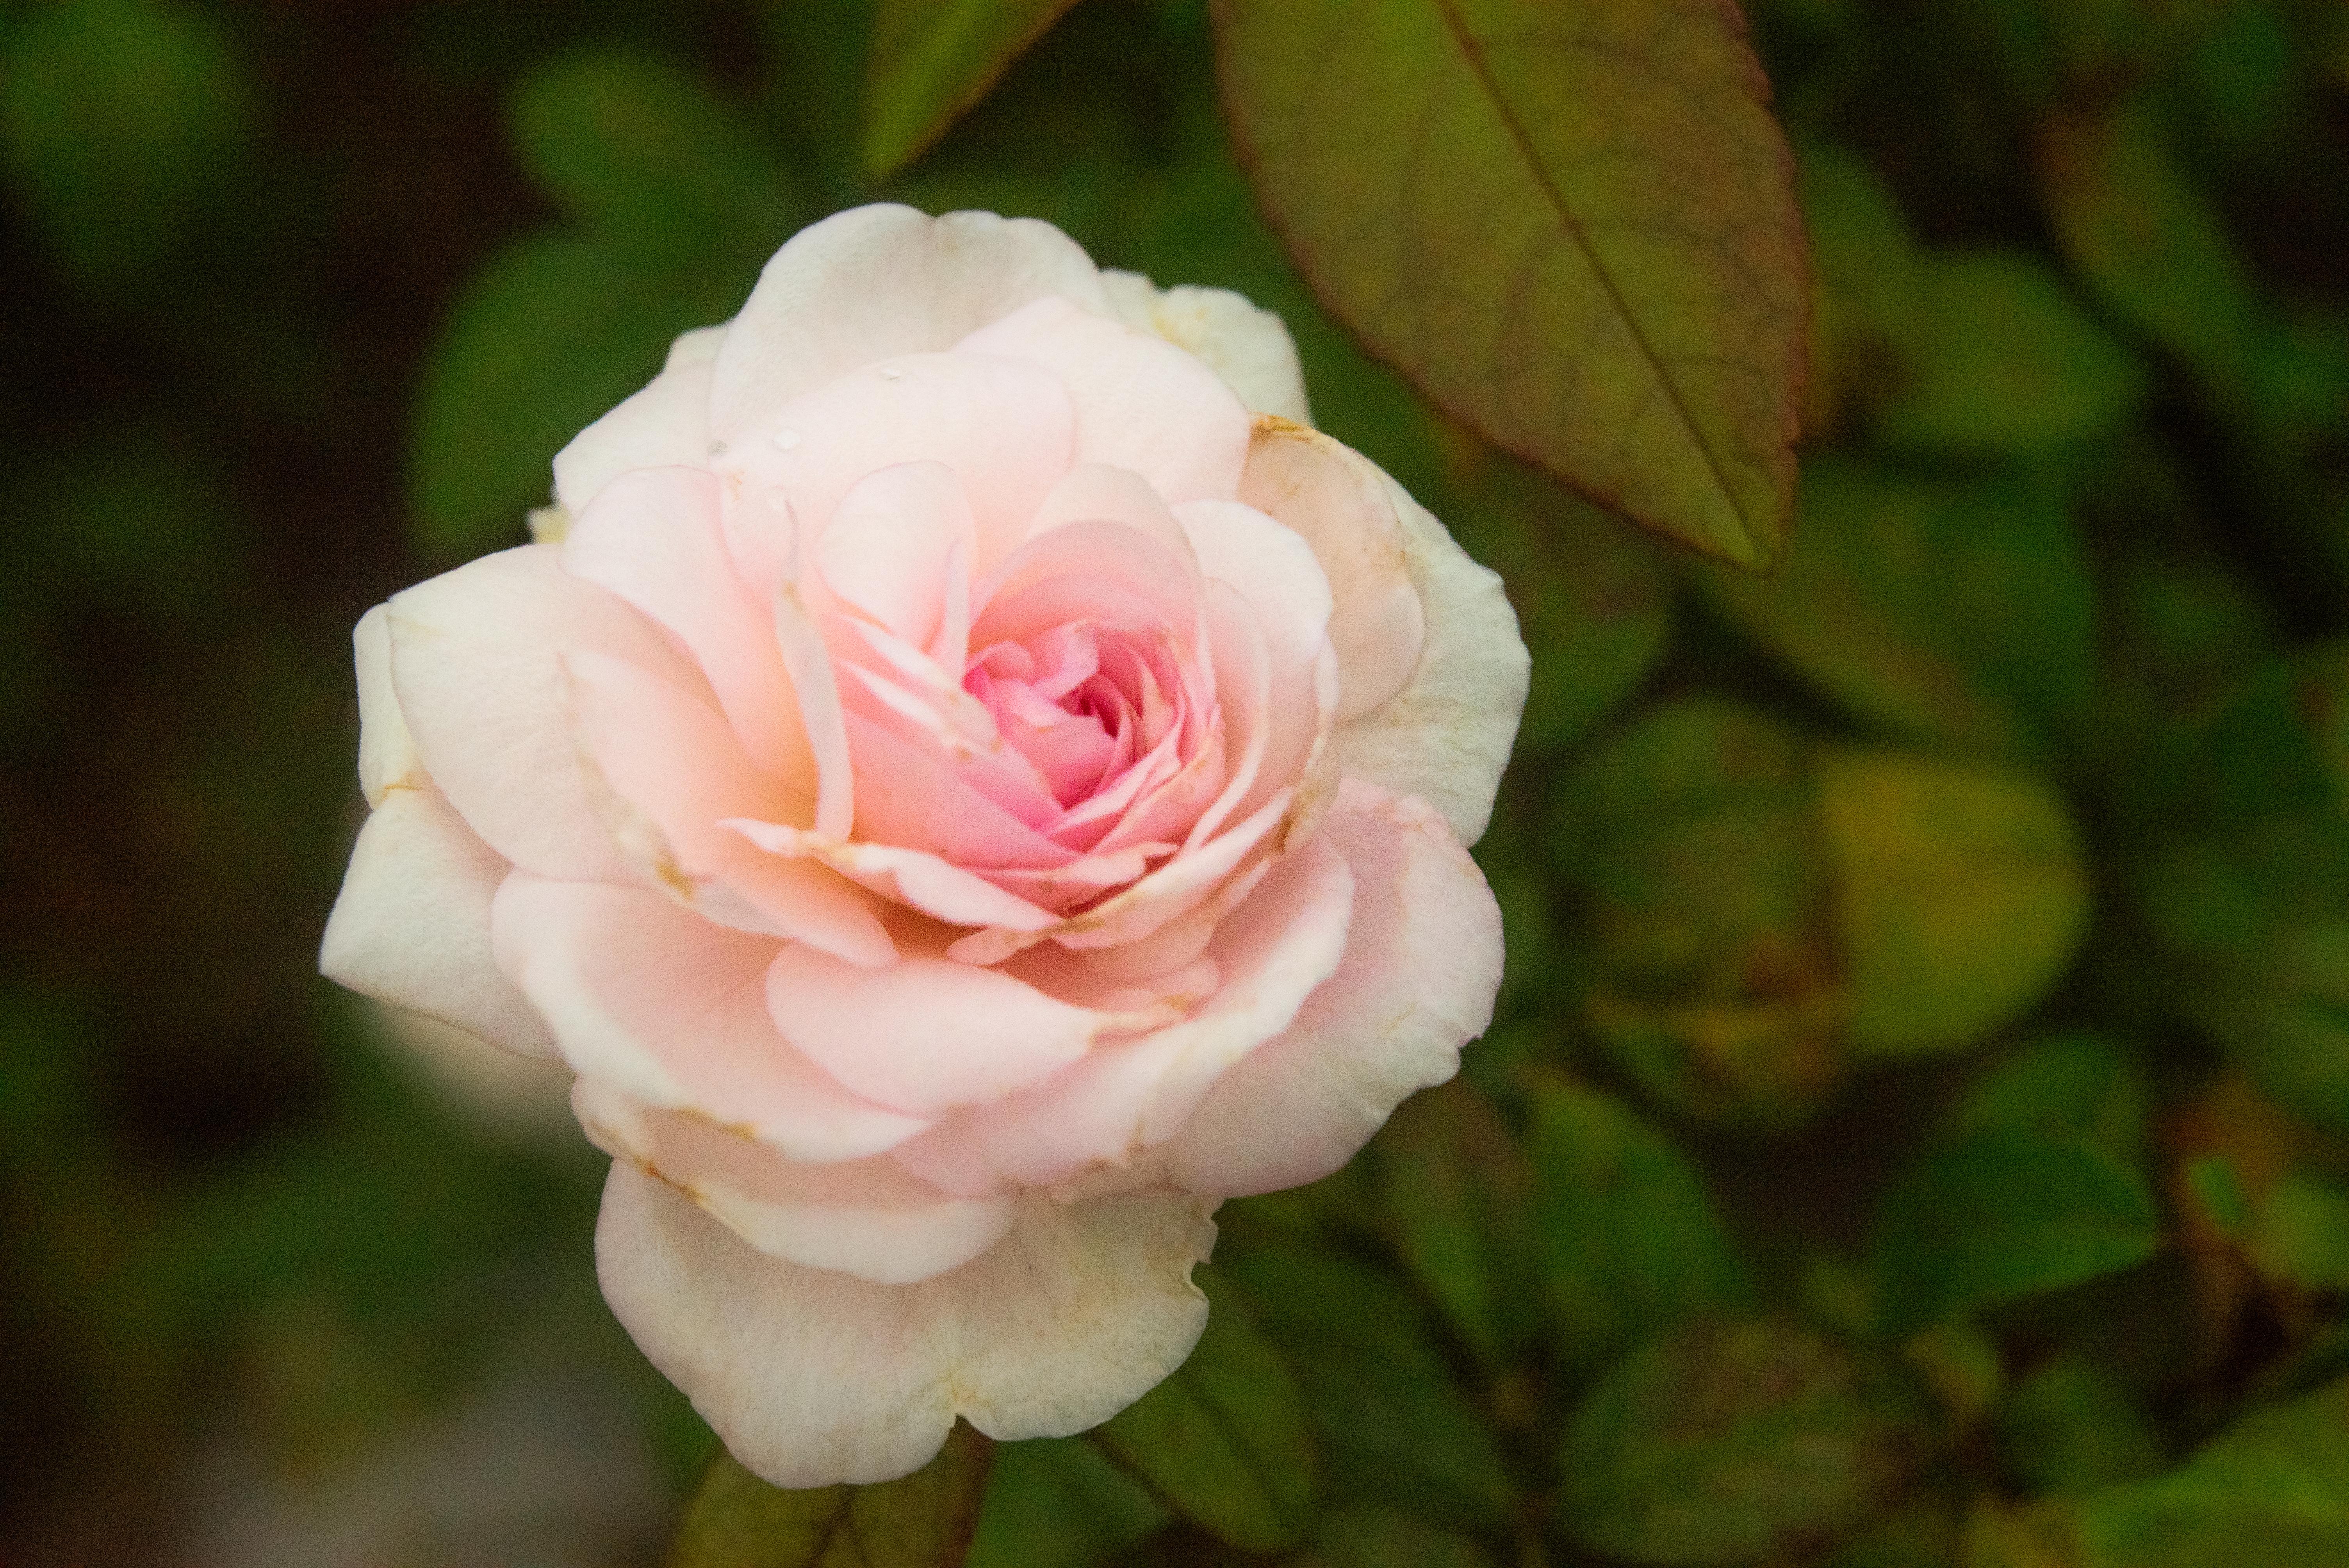 粉紅玫瑰花語:感動、愛的宣言、銘記於心、初戀,新人藉此寄托兩人的戀愛。攝影/林梓晴